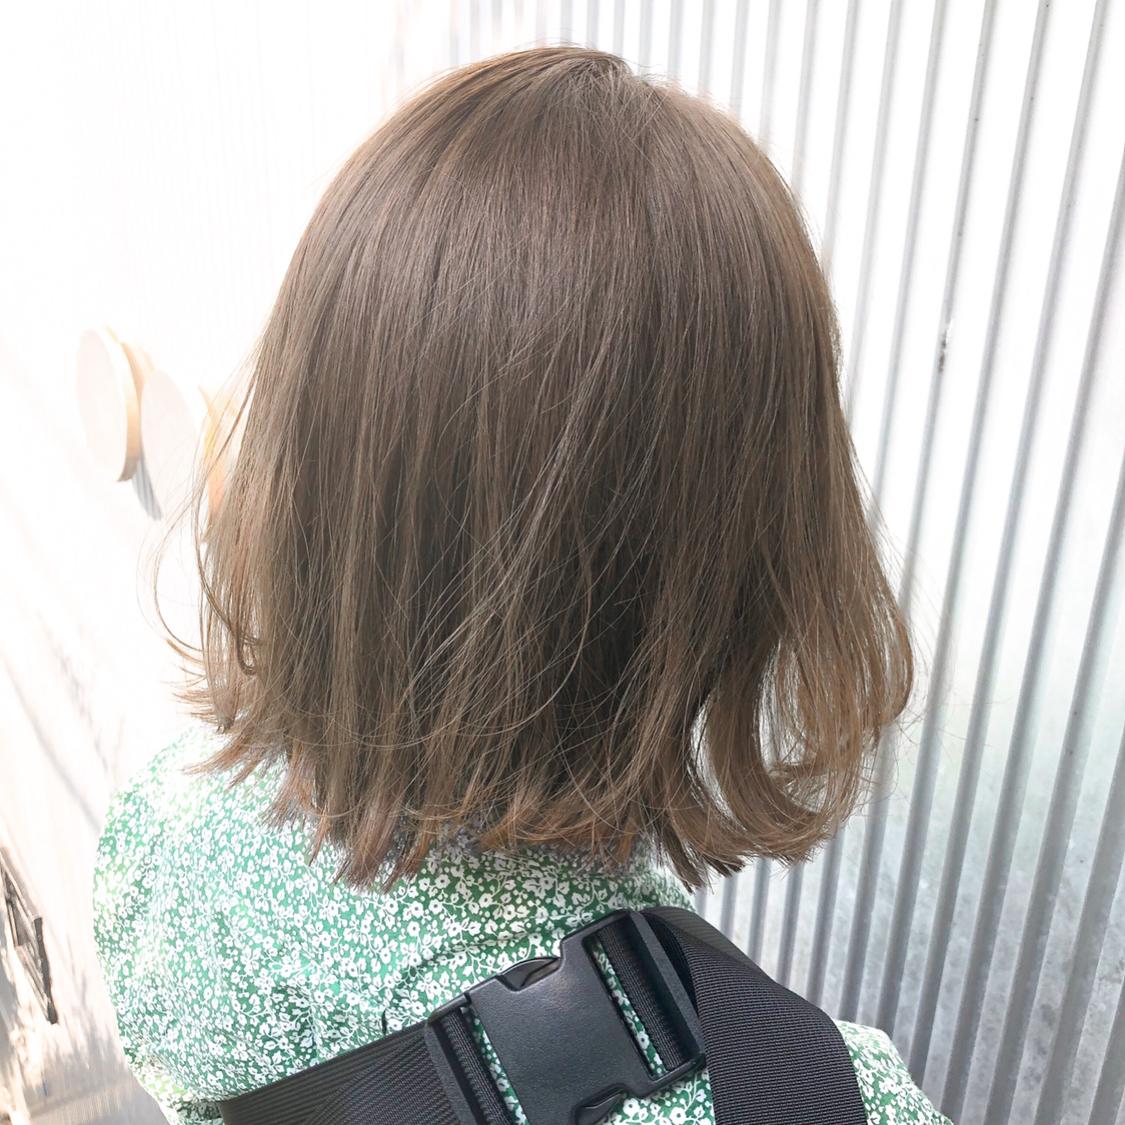 夏のハイトーン。 だけど、痛むのはイヤなので ノーブリーチカラーで引っ張り あげます(^^)  #前髪 #グレージュ #透明感 #ミディアムヘア #アッシュ #ナチュラル #カジュアル #ストリート #ガーリー #キュート #オフィス #丸顔 #シースルーバング #カラー上手い